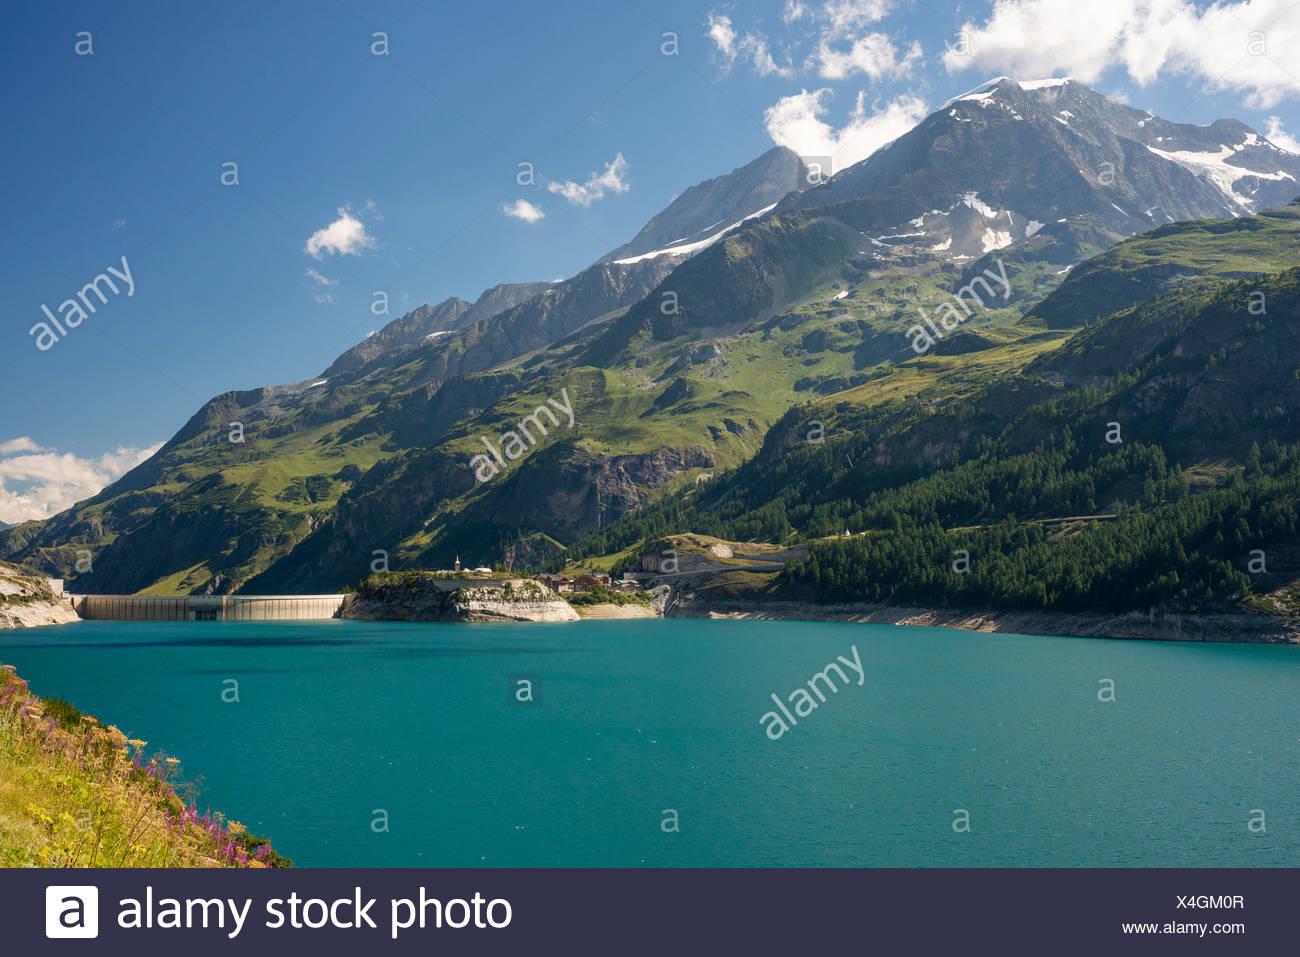 Lac du Chevril reservoir, Val-d'Isère valley, Savoie département, Rhône-Alpes region, France - Stock Image